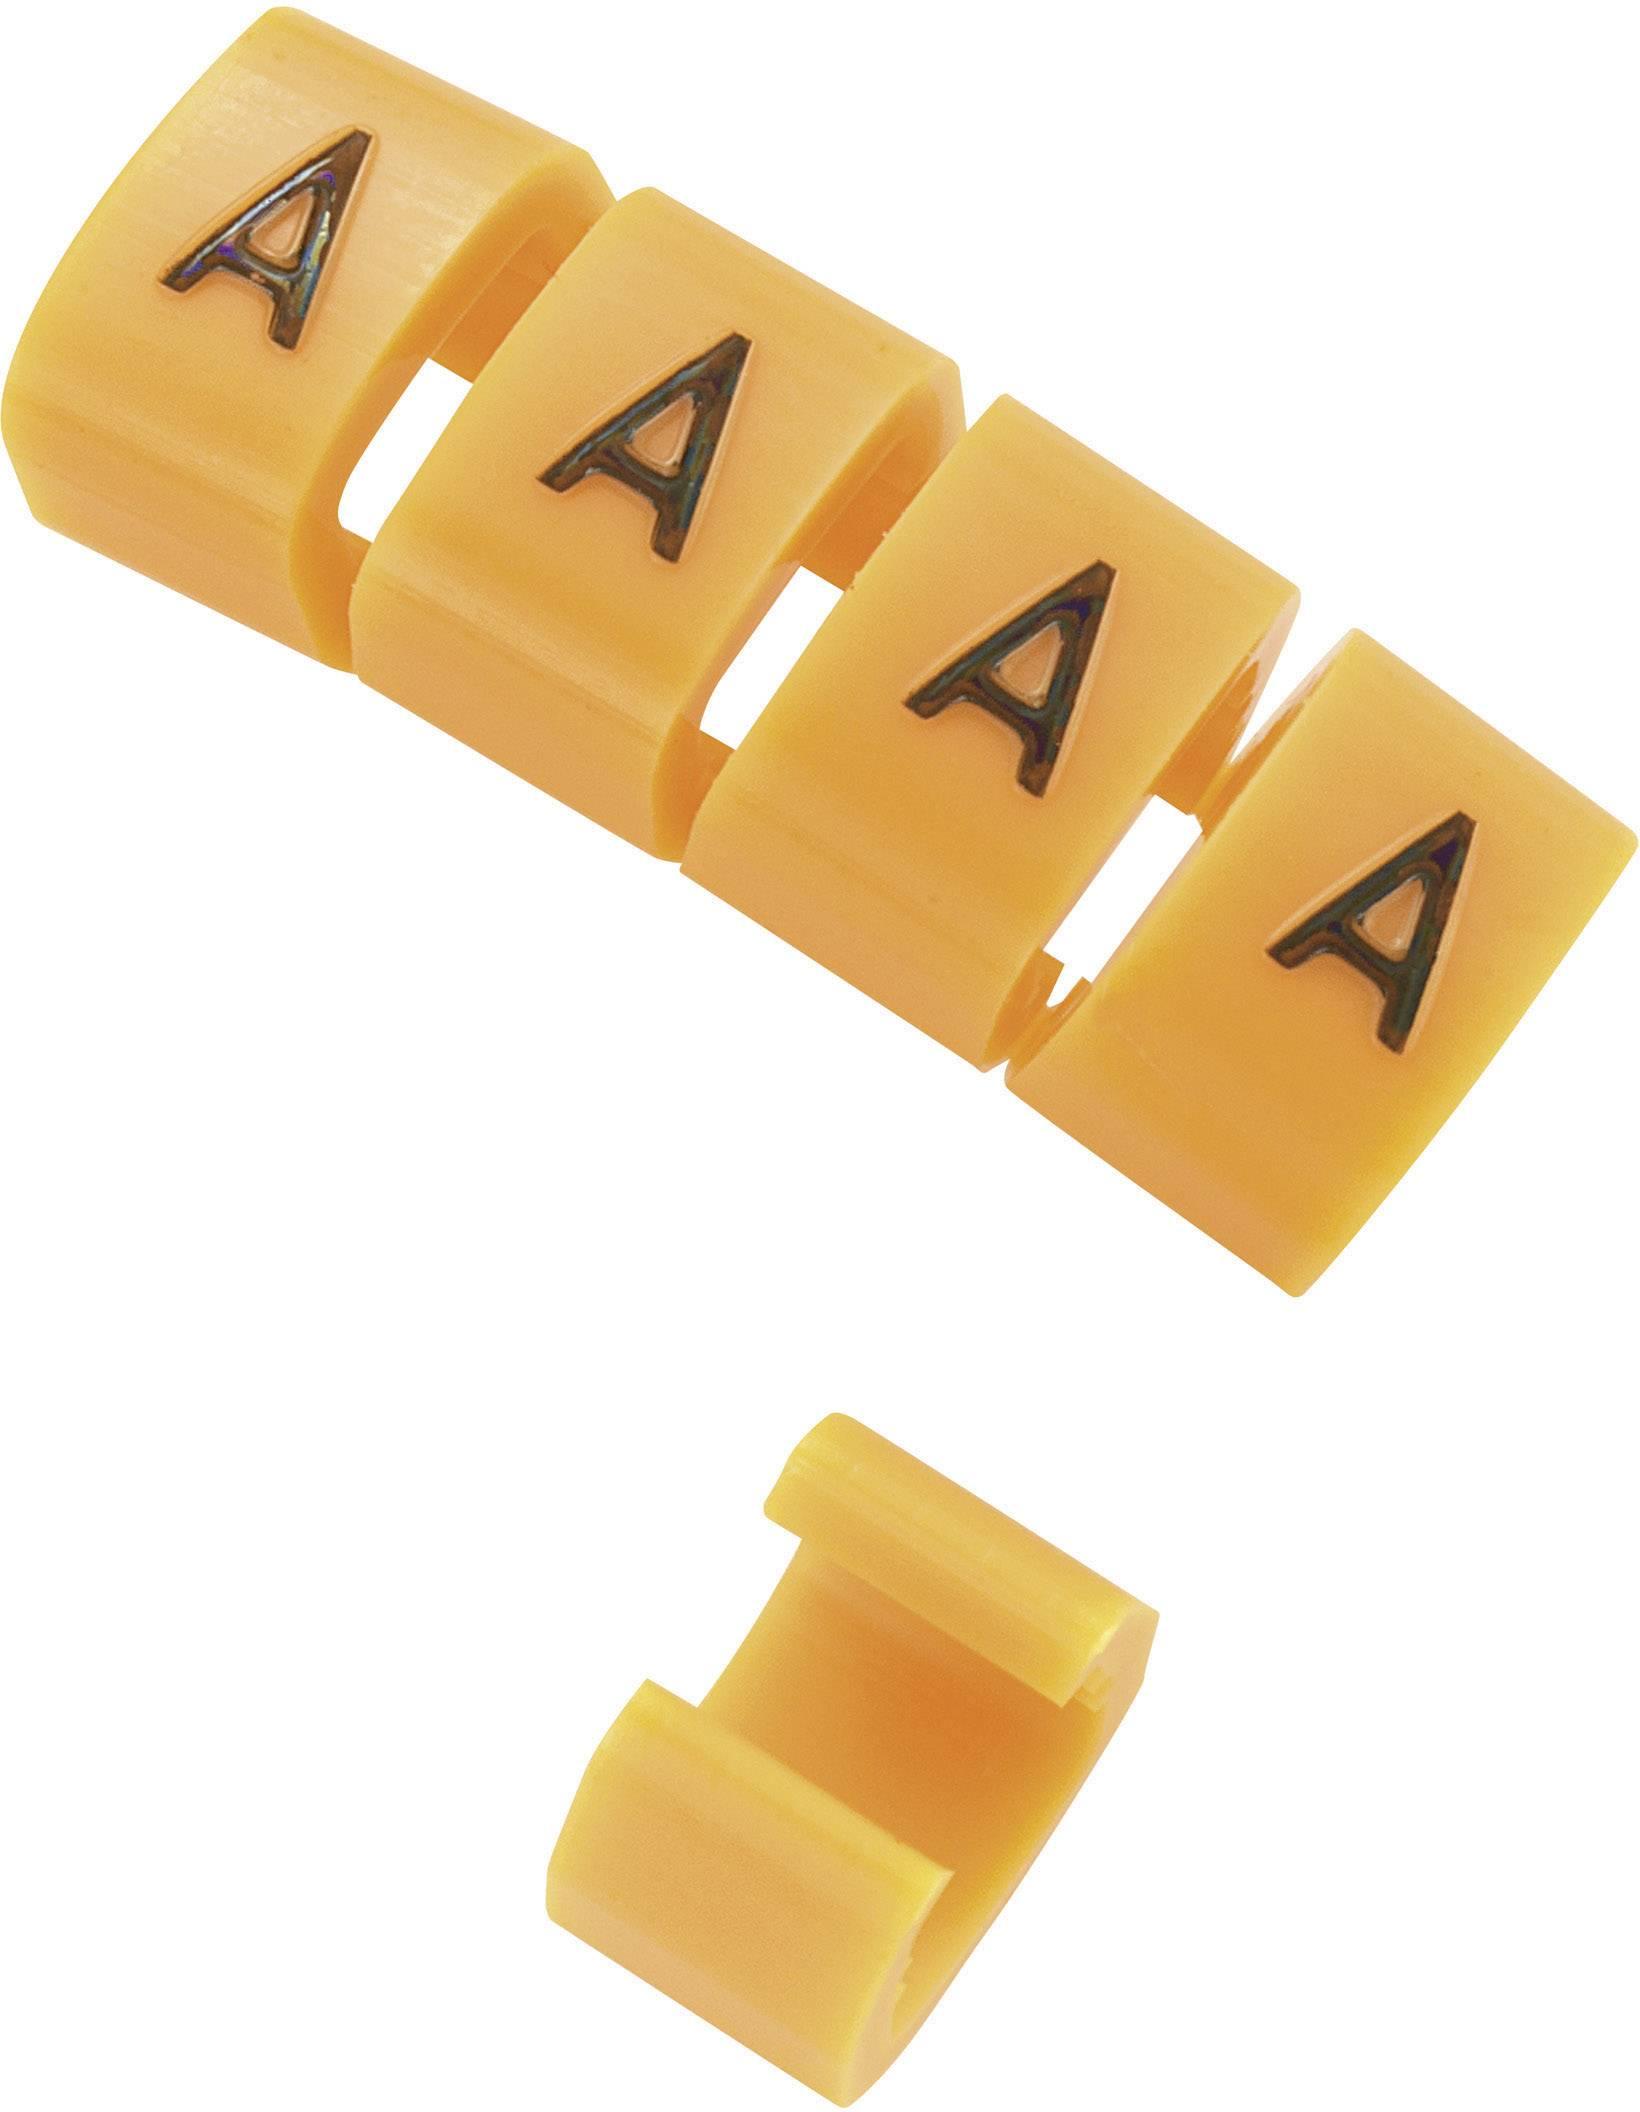 Označovacie objímka na káble KSS MB2/H, oranžová, 10 ks